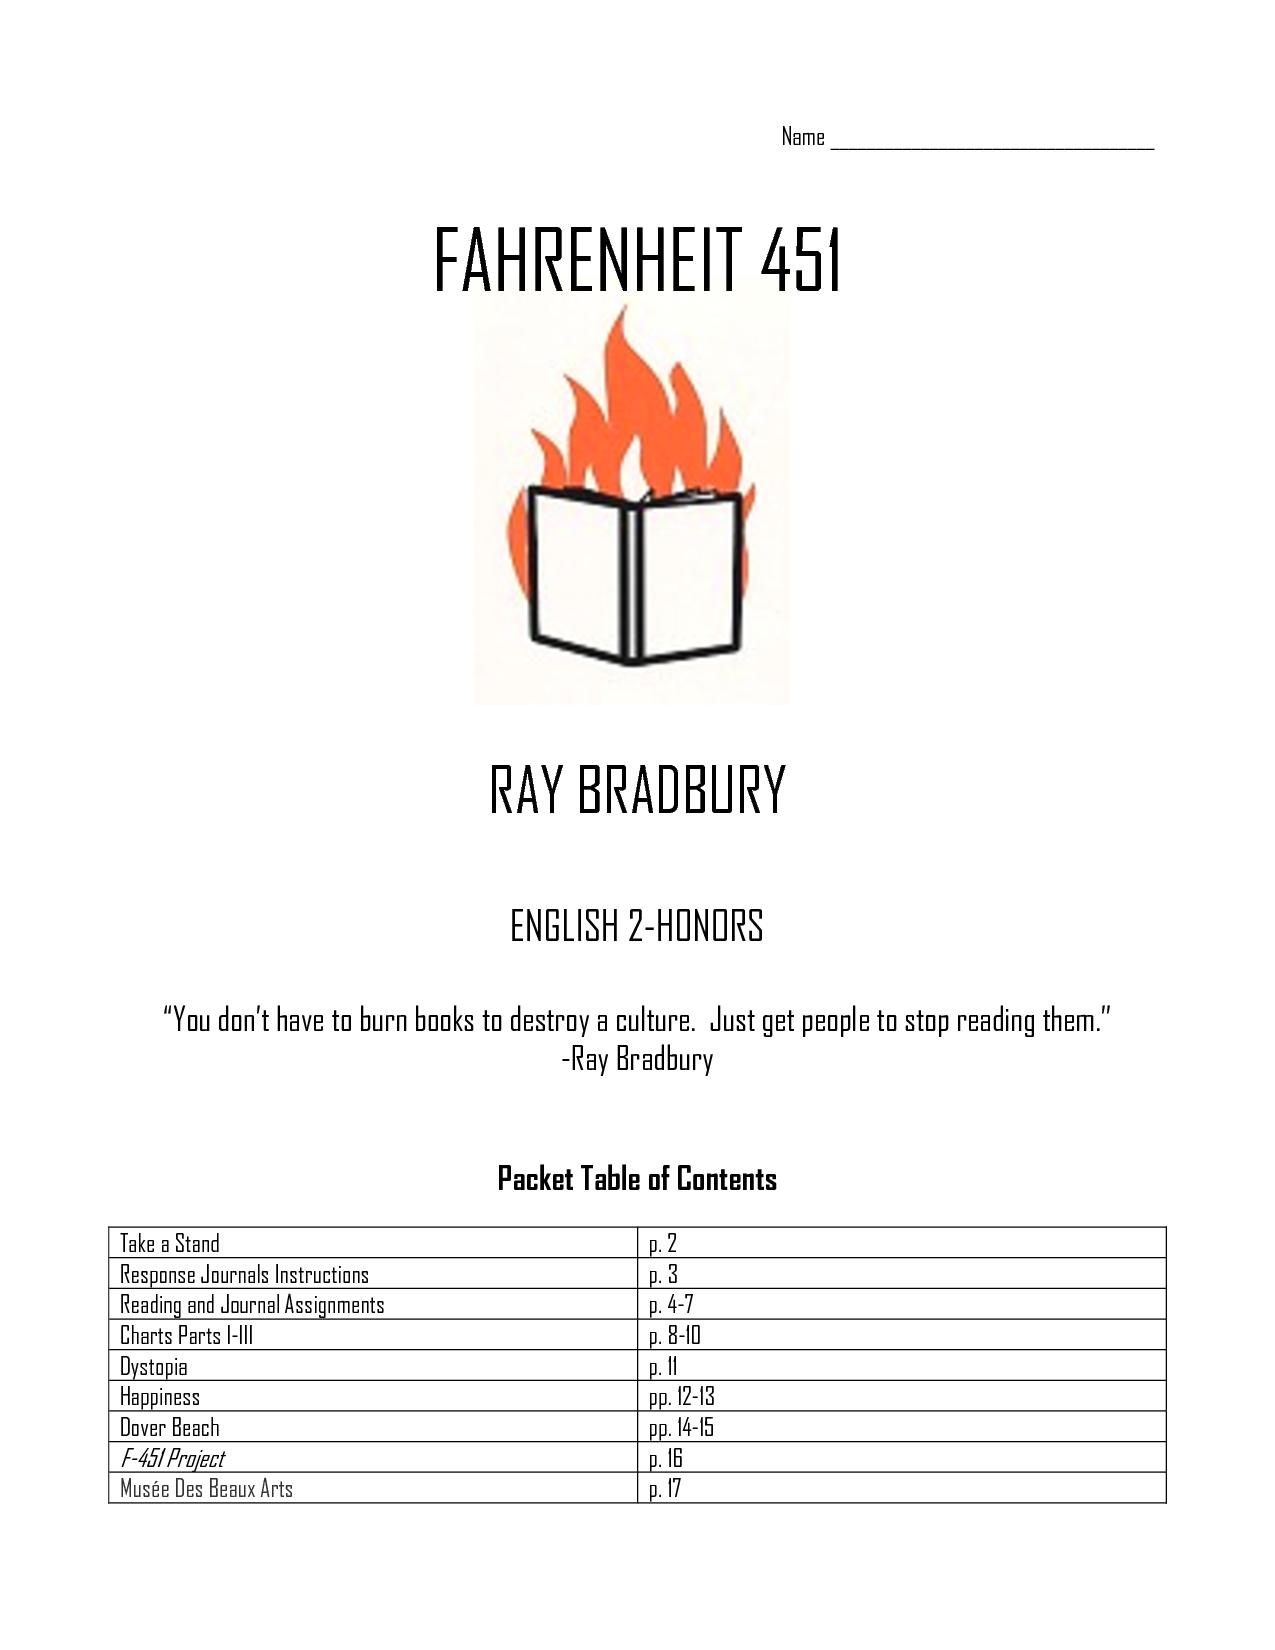 analysis of fahrenheit 451